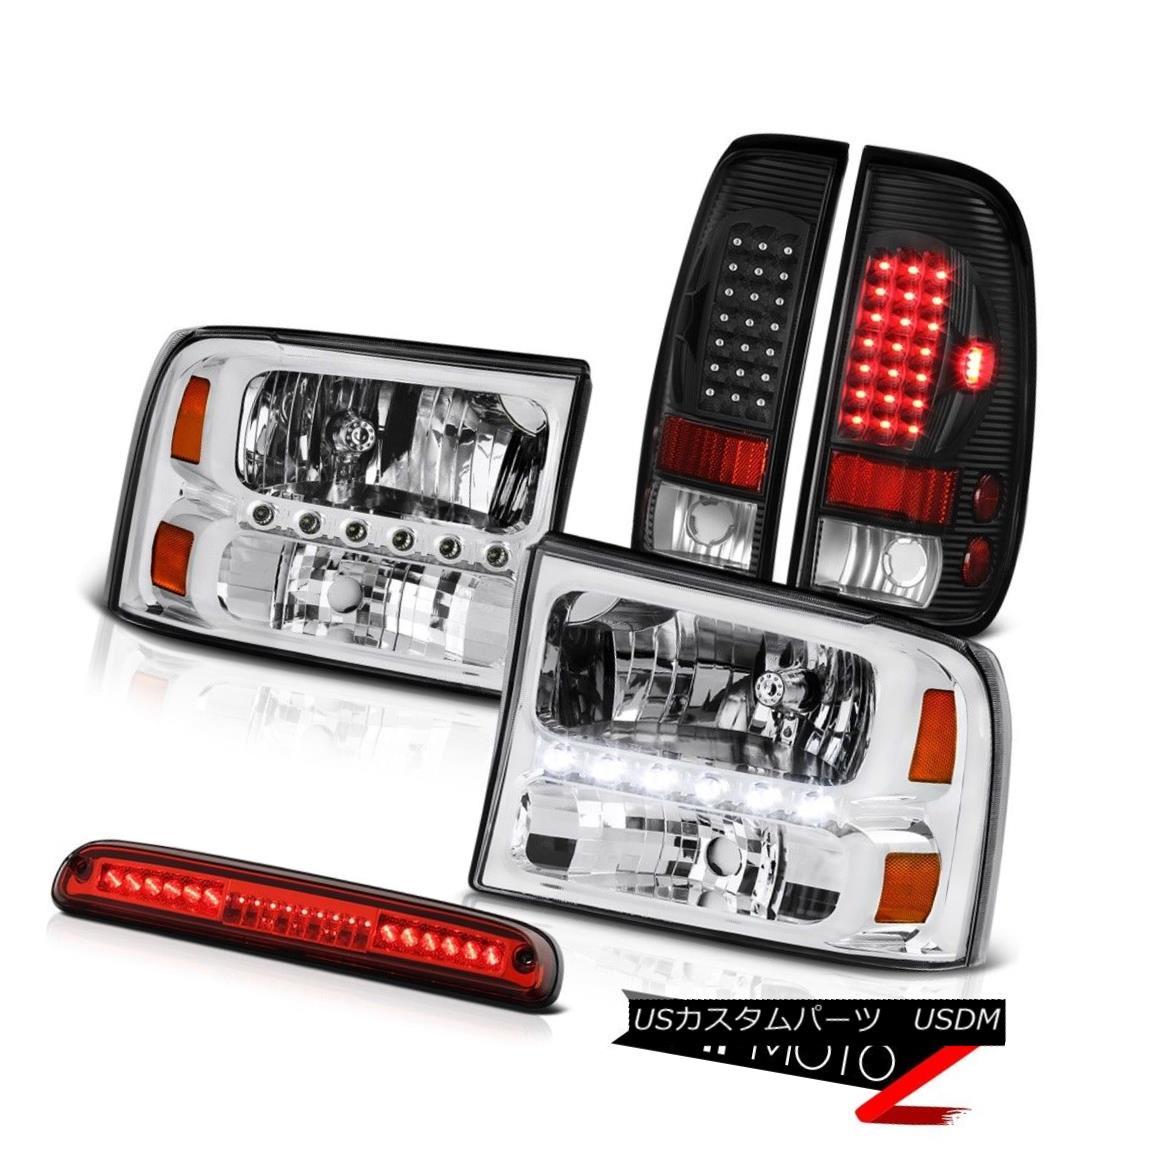 ヘッドライト 99-04 F350 XL Nickel Chrome Headlights LED Bulbs Rear Tail Light Third Brake Red 99-04 F350 XLニッケルクロームヘッドライトLED電球リアテールライト第3ブレーキ赤